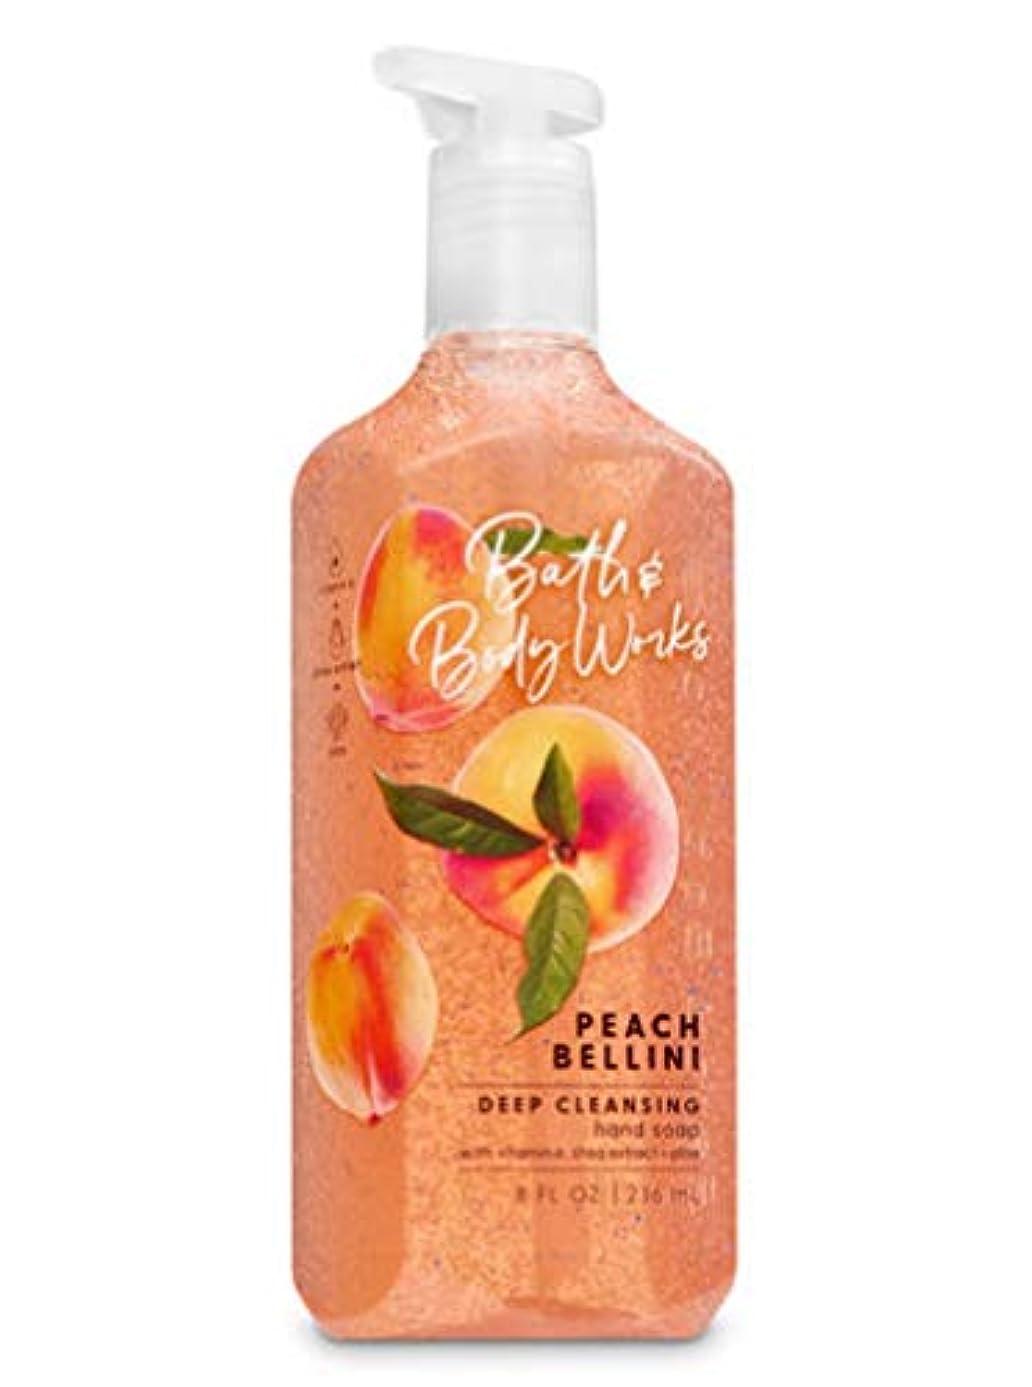 無効にするハイキング追い払うバス&ボディワークス ピーチベリーニ ディープクレンジングハンドソープ Peach Bellini Deep Cleansing Hand Soap